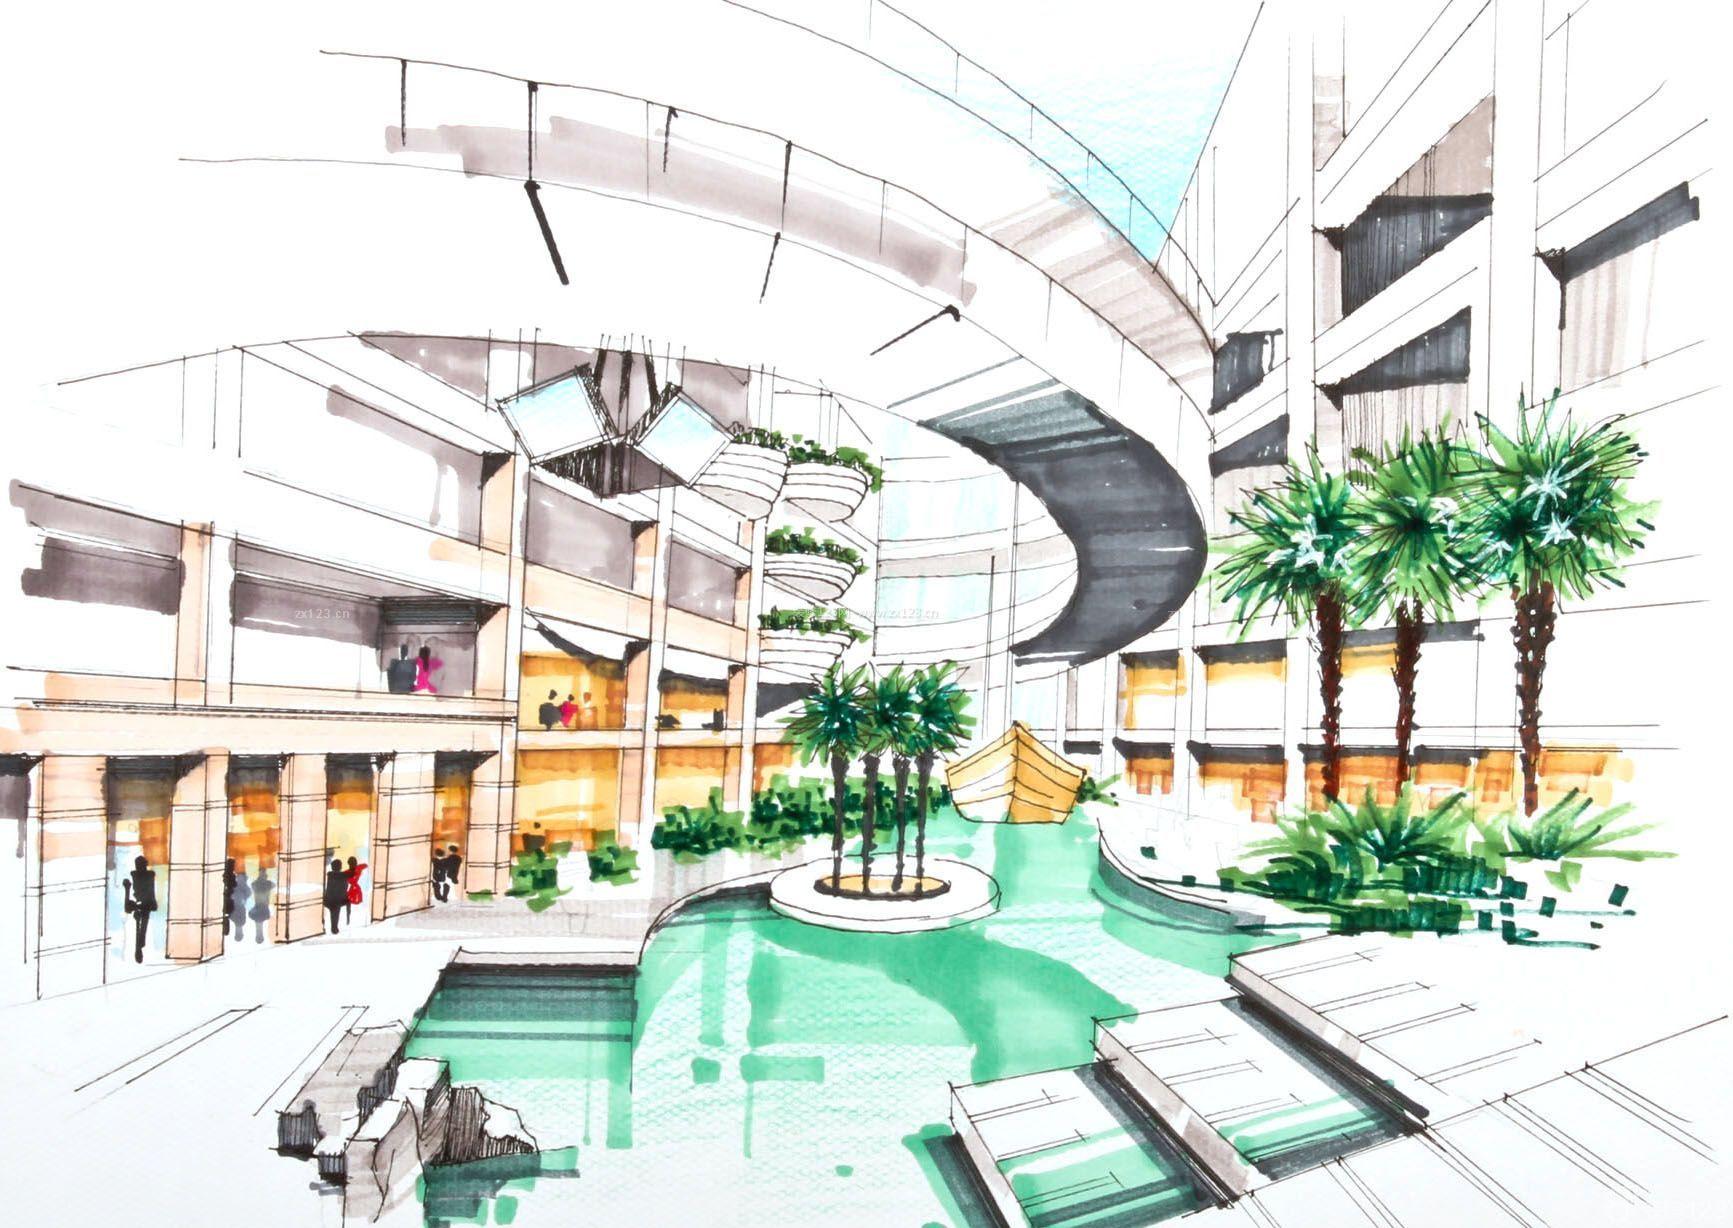 某大型商场展示设计手绘效果图